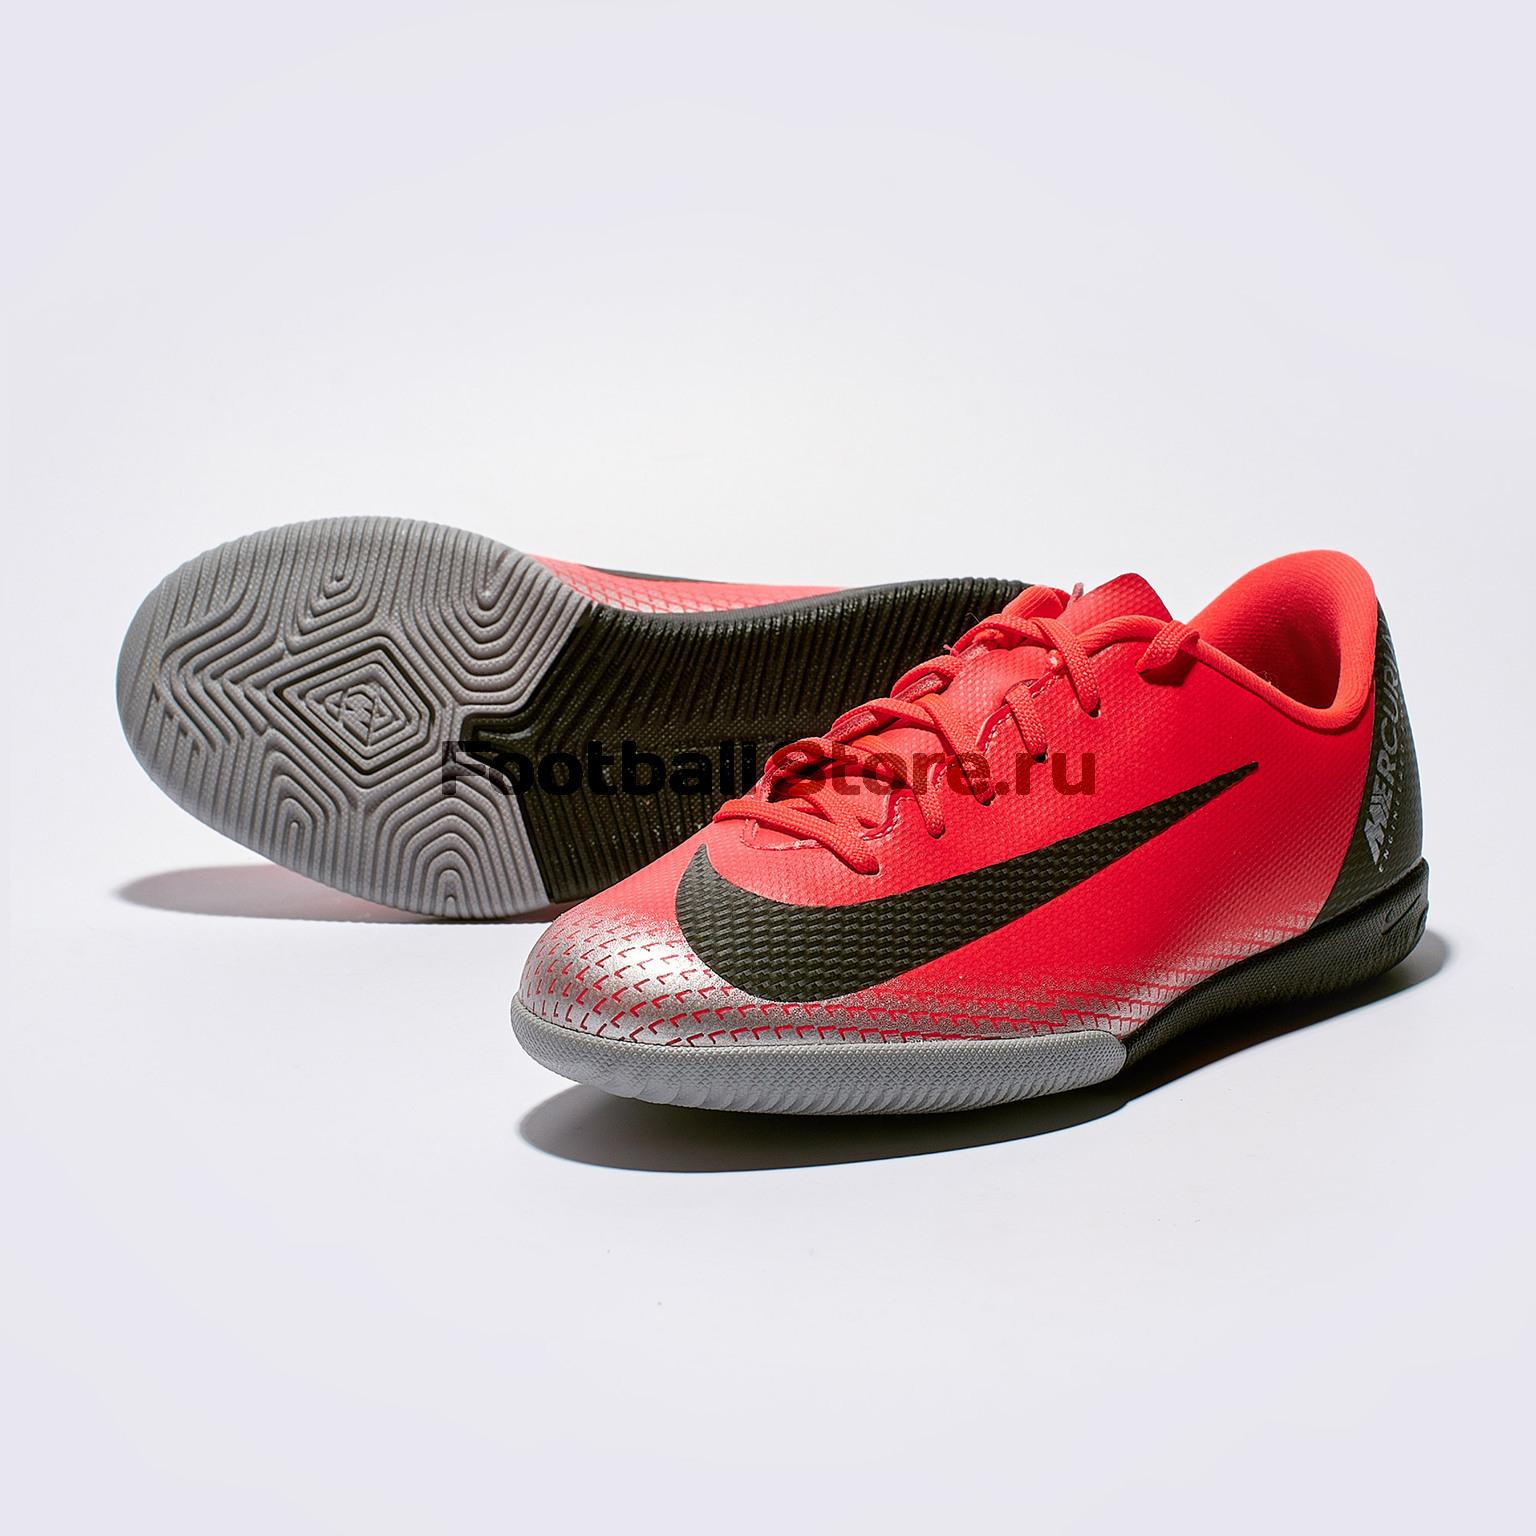 Футзалки детские Nike JR Vapor 12 Academy GS CR7 IC AJ3099-600 bauer vapor rh x50r inline skates 4 jr